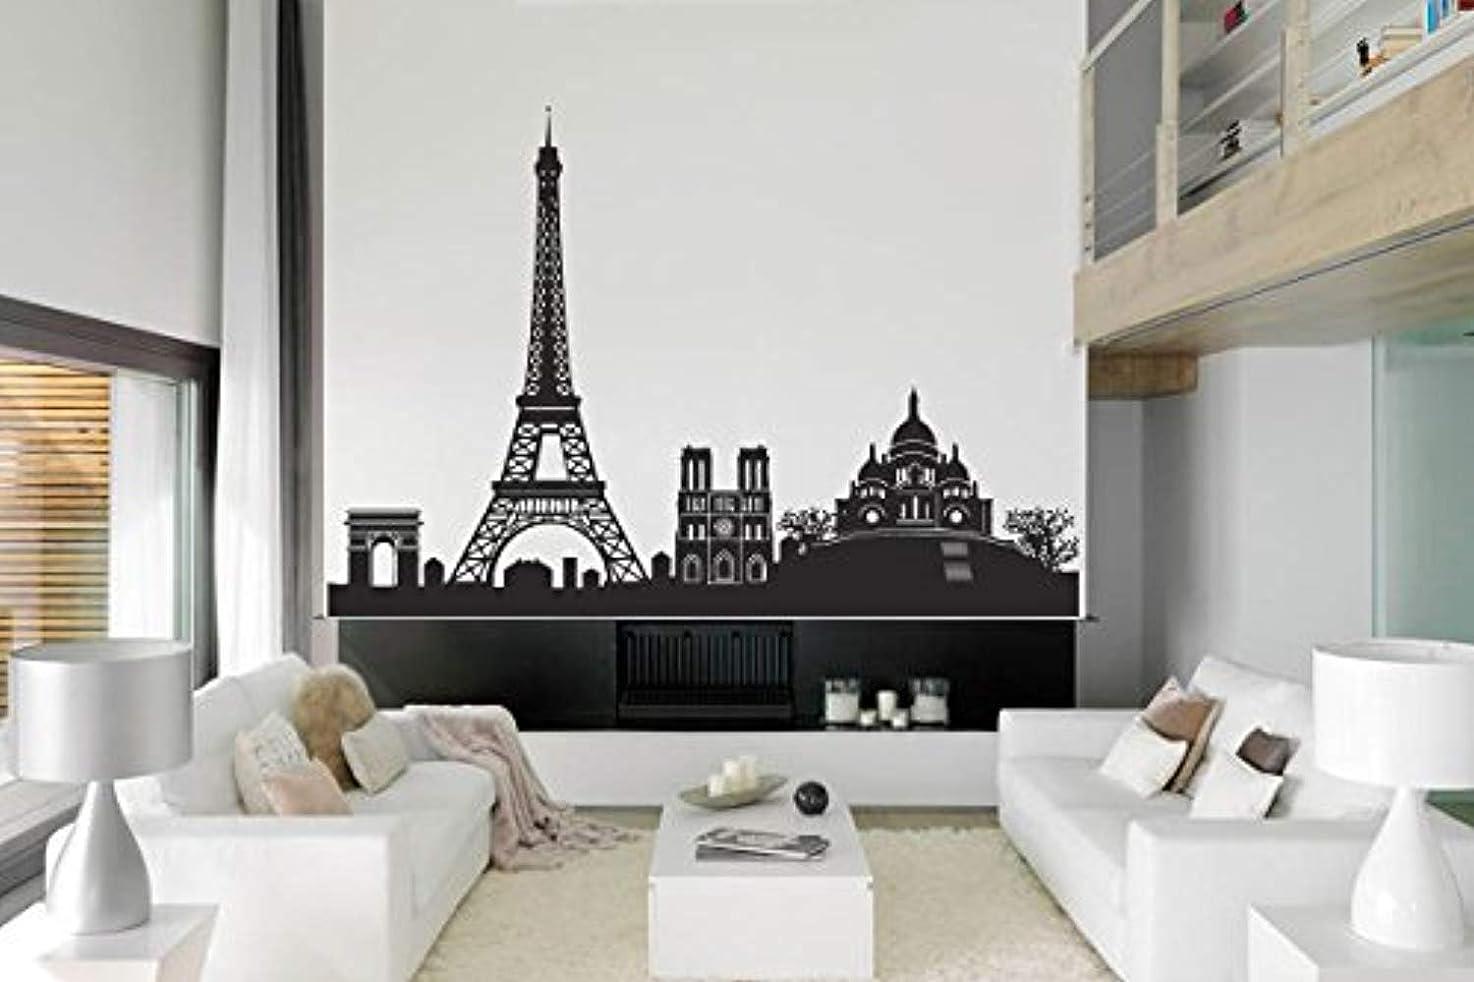 France Decor Paris French Food Eiffel Tower Wall Decal Window Sticker Design ad 1794